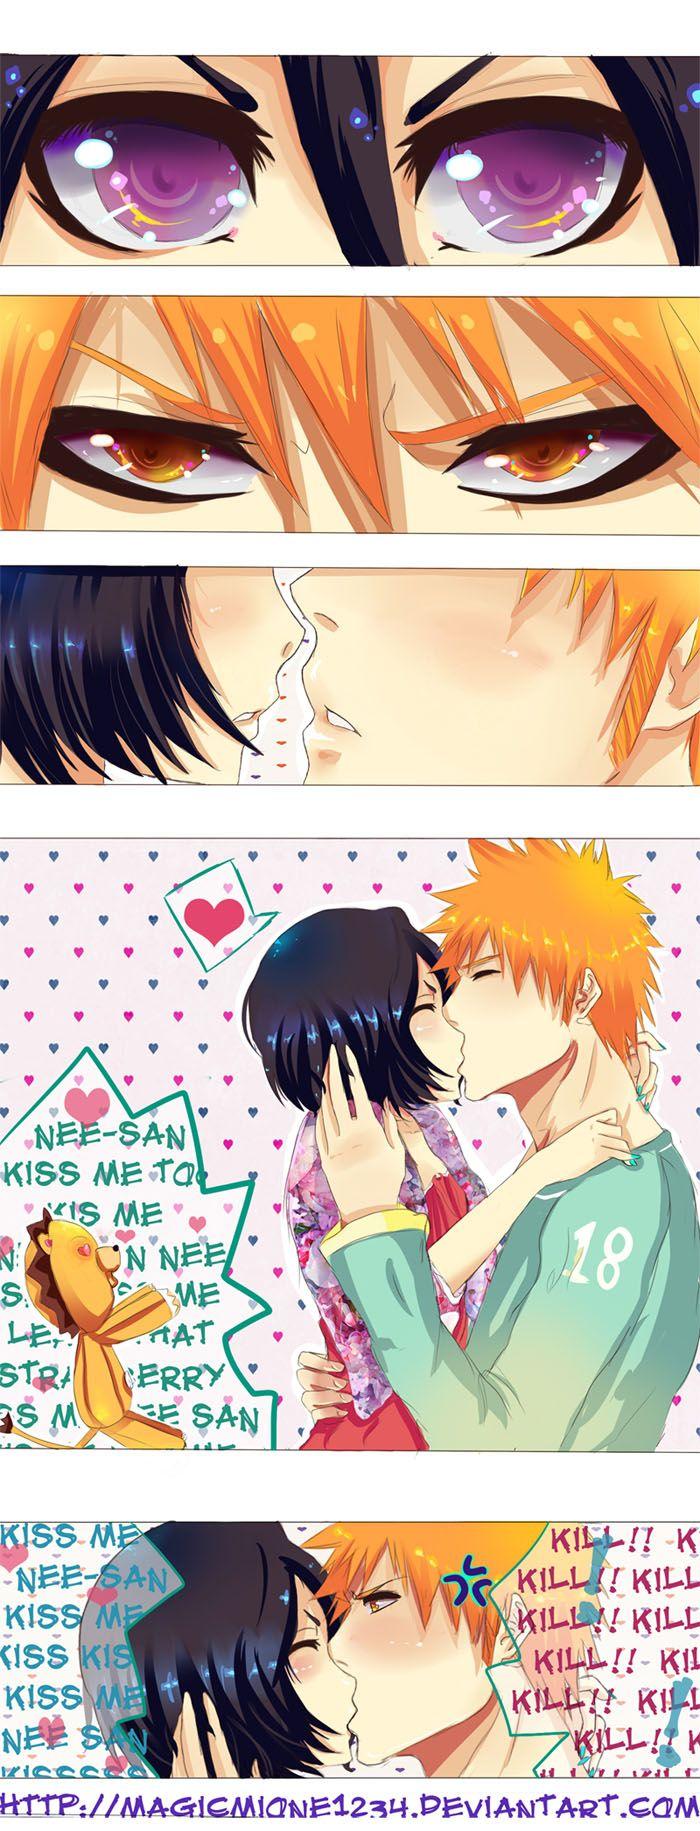 Kiss by YesimTekin.deviantart.com on @deviantART